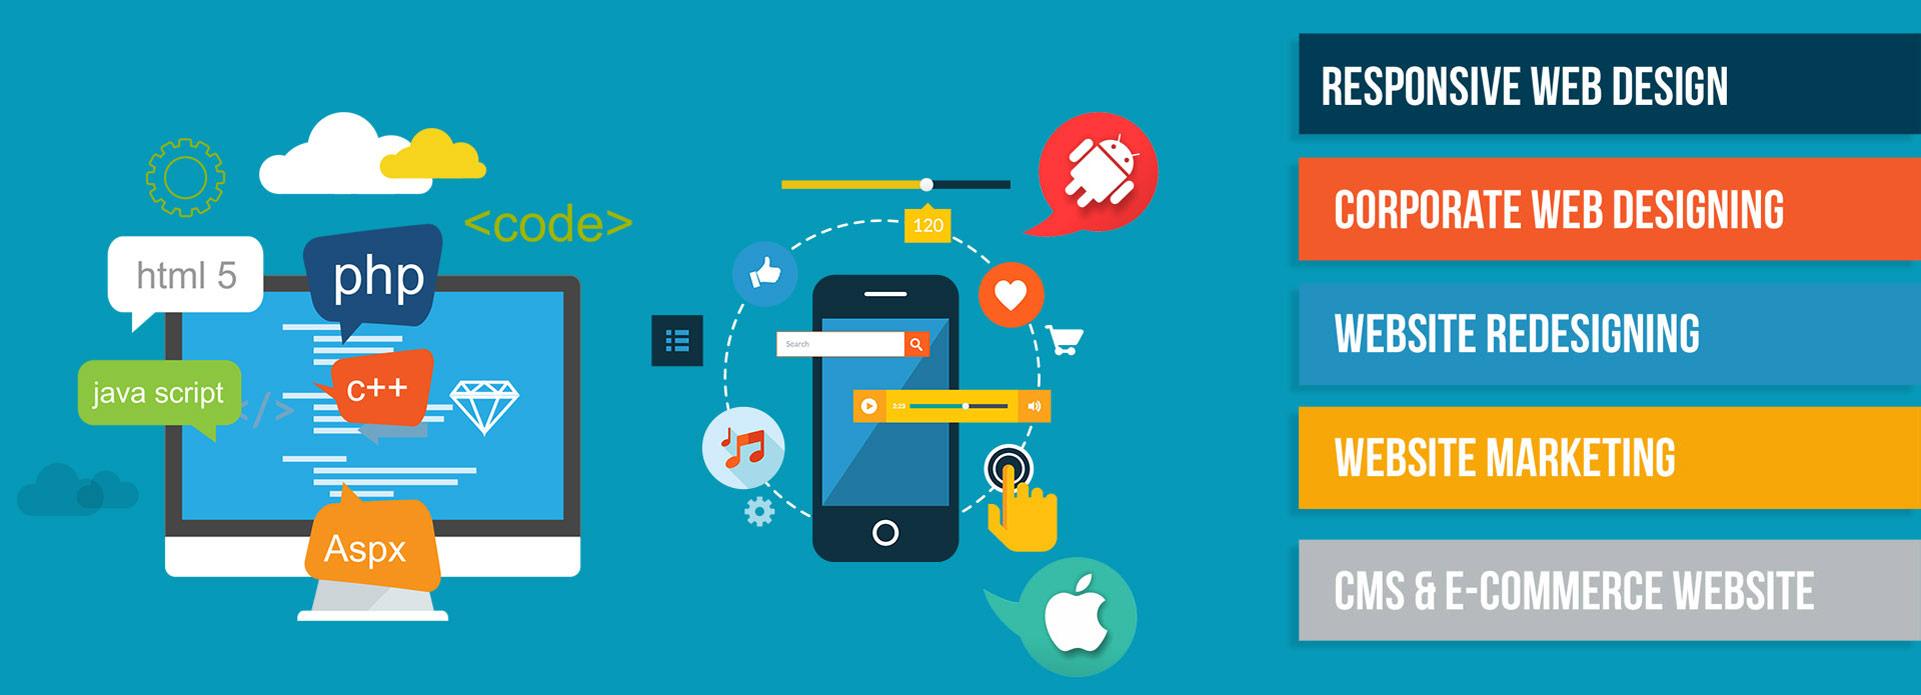 cms-e-comerece-website-designing